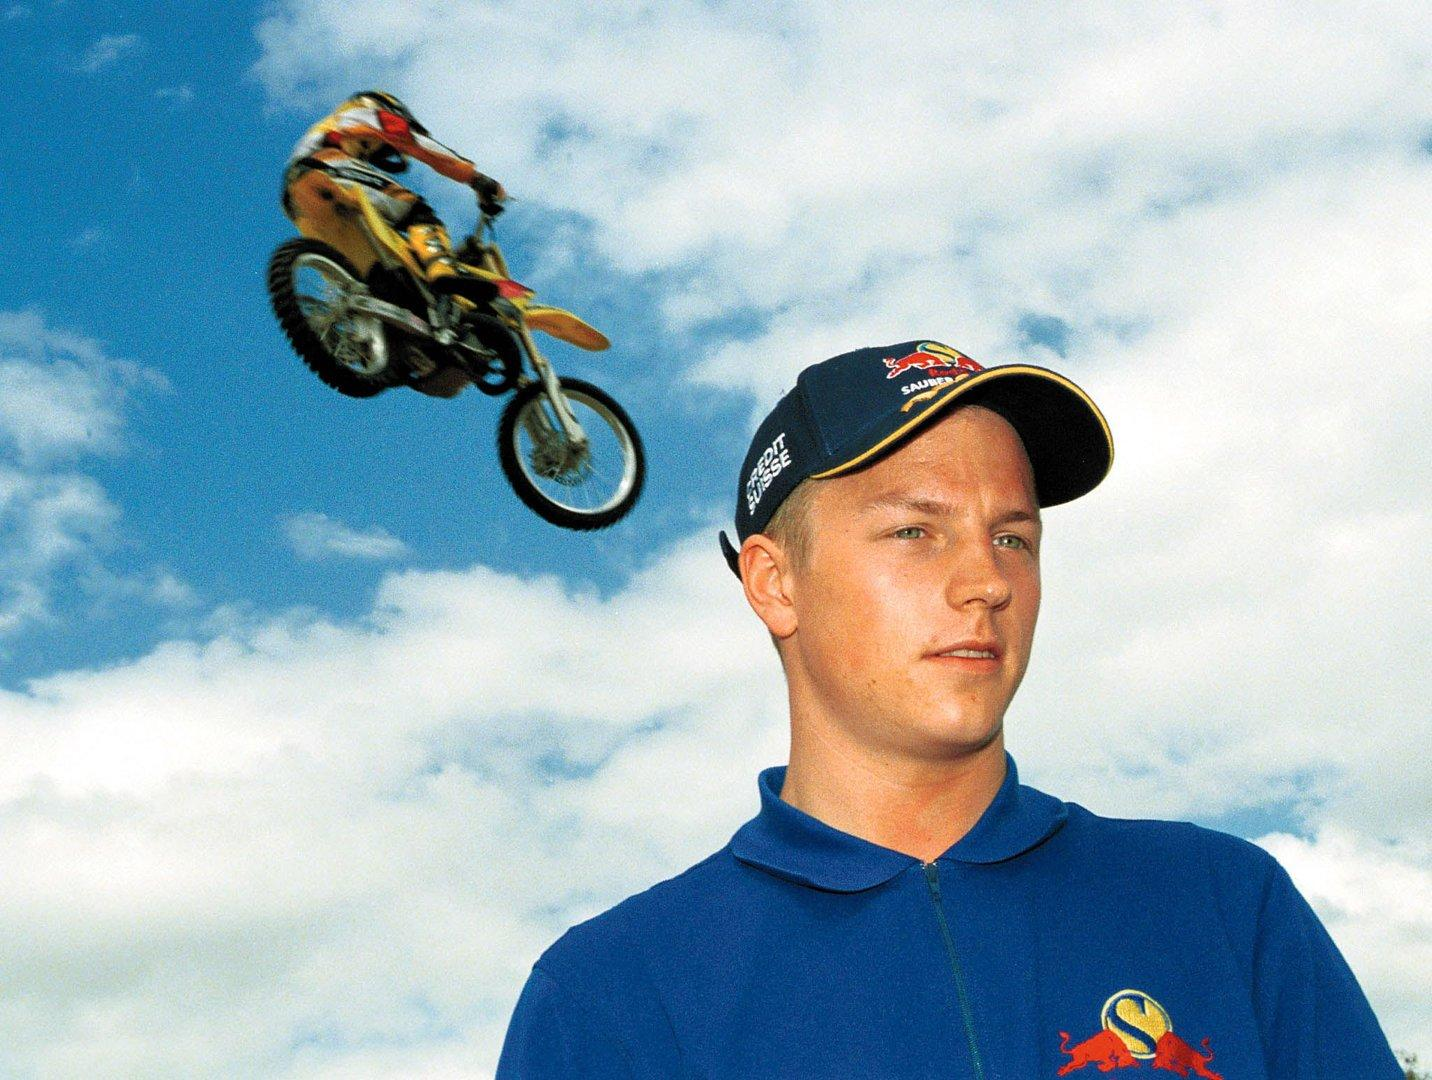 Schweiger, Säufer und Weltmeister: Formel-1-Rekordmann Räikkönen